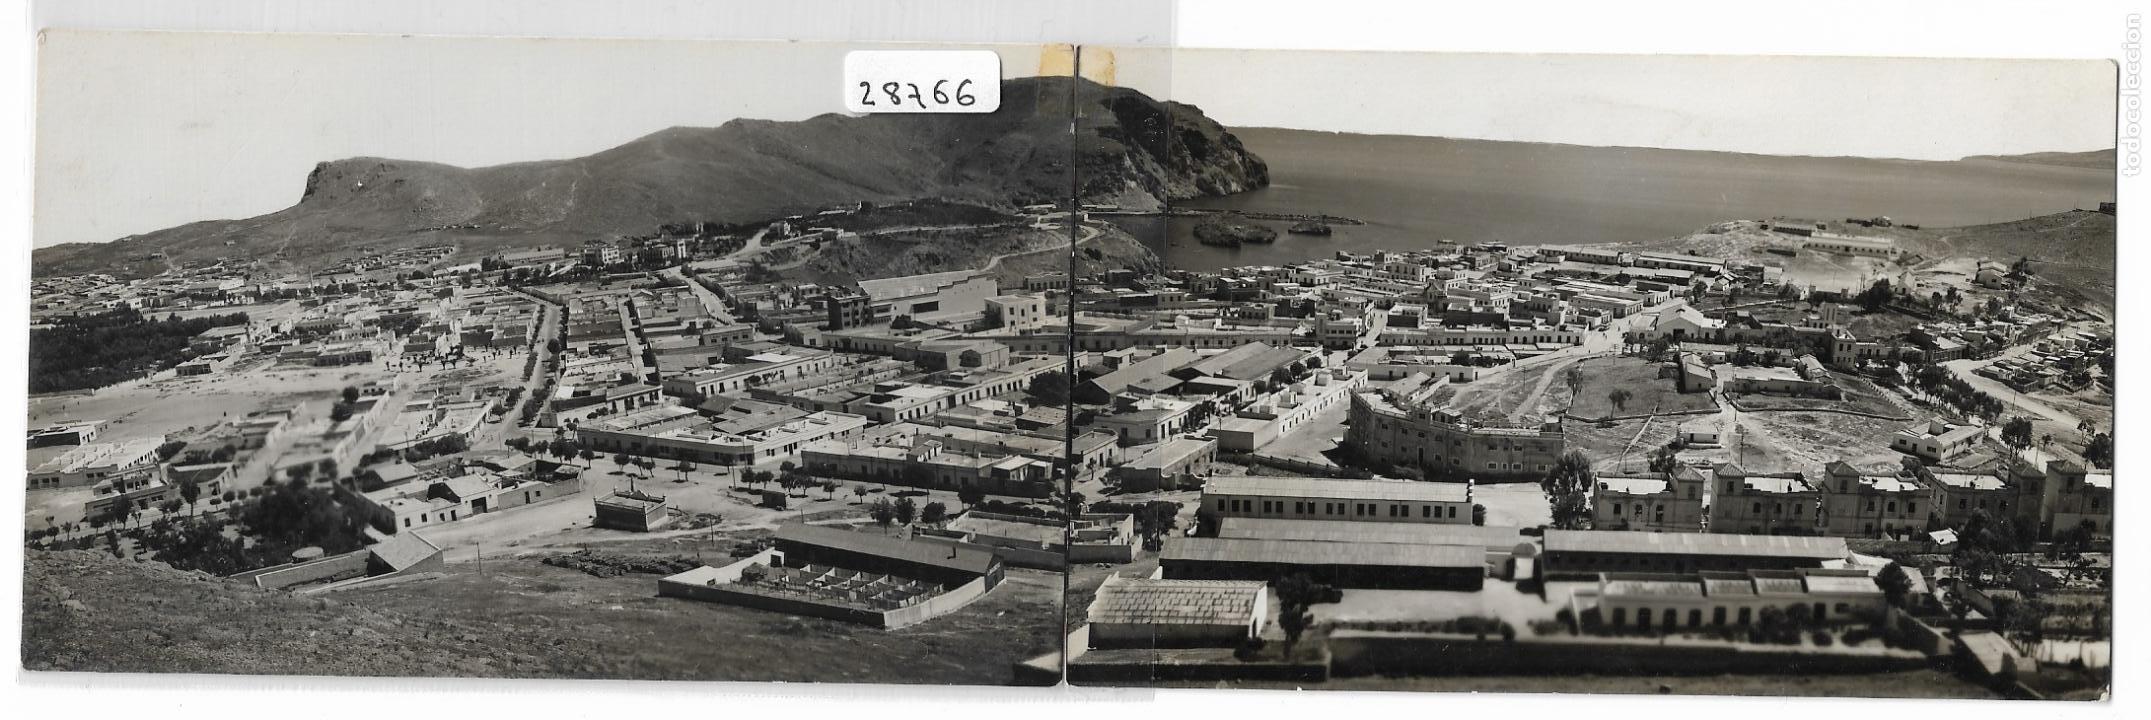 VILLA SANJURJO - ALHUCEMAS - VISTA PANORÁMICA DOBLE - P28766 (Postales - Postales Temáticas - Ex Colonias y Protectorado Español)